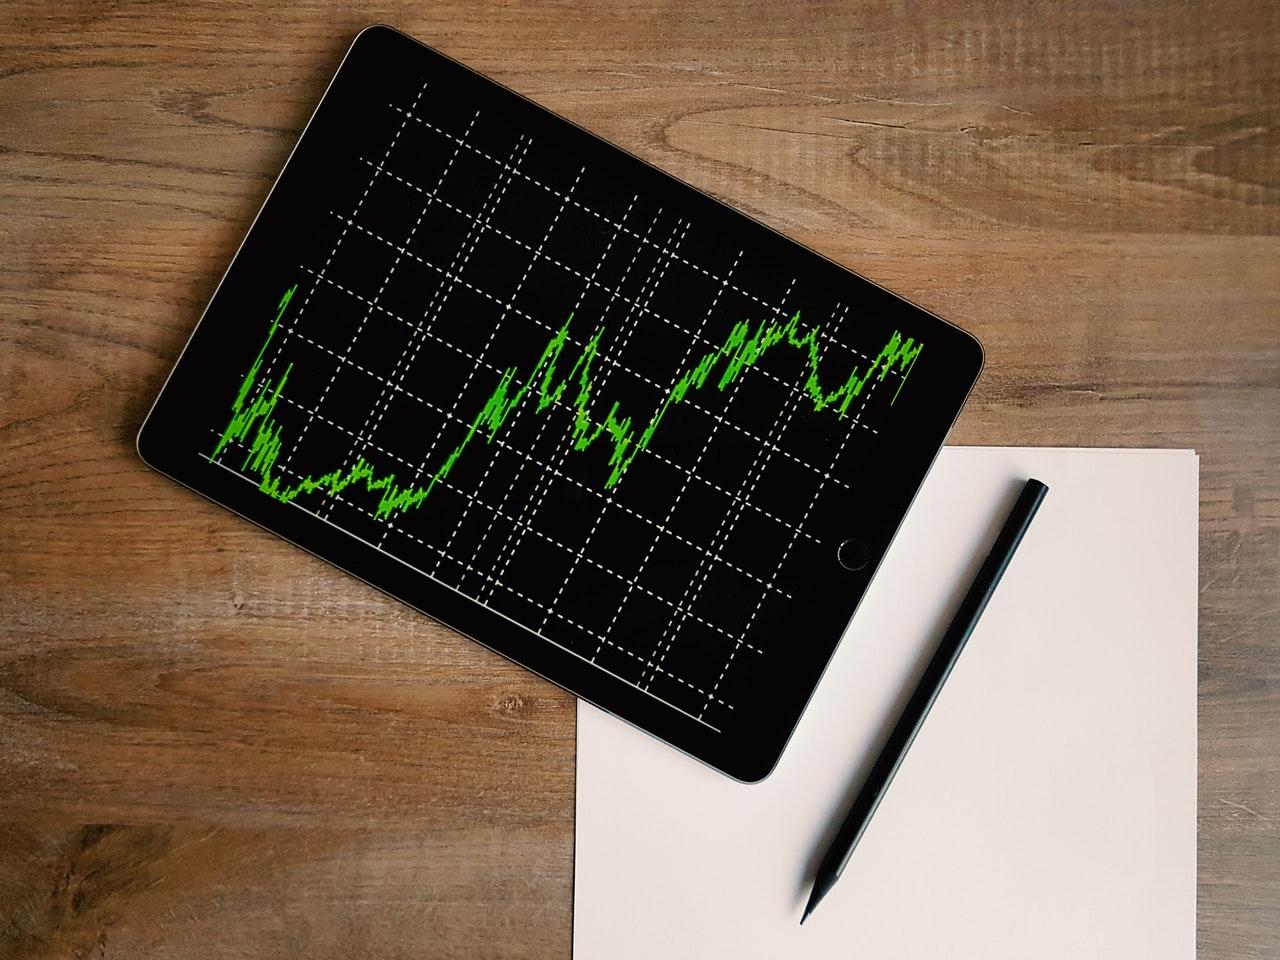 Börsläget just nu och olika branschindex – del 1.